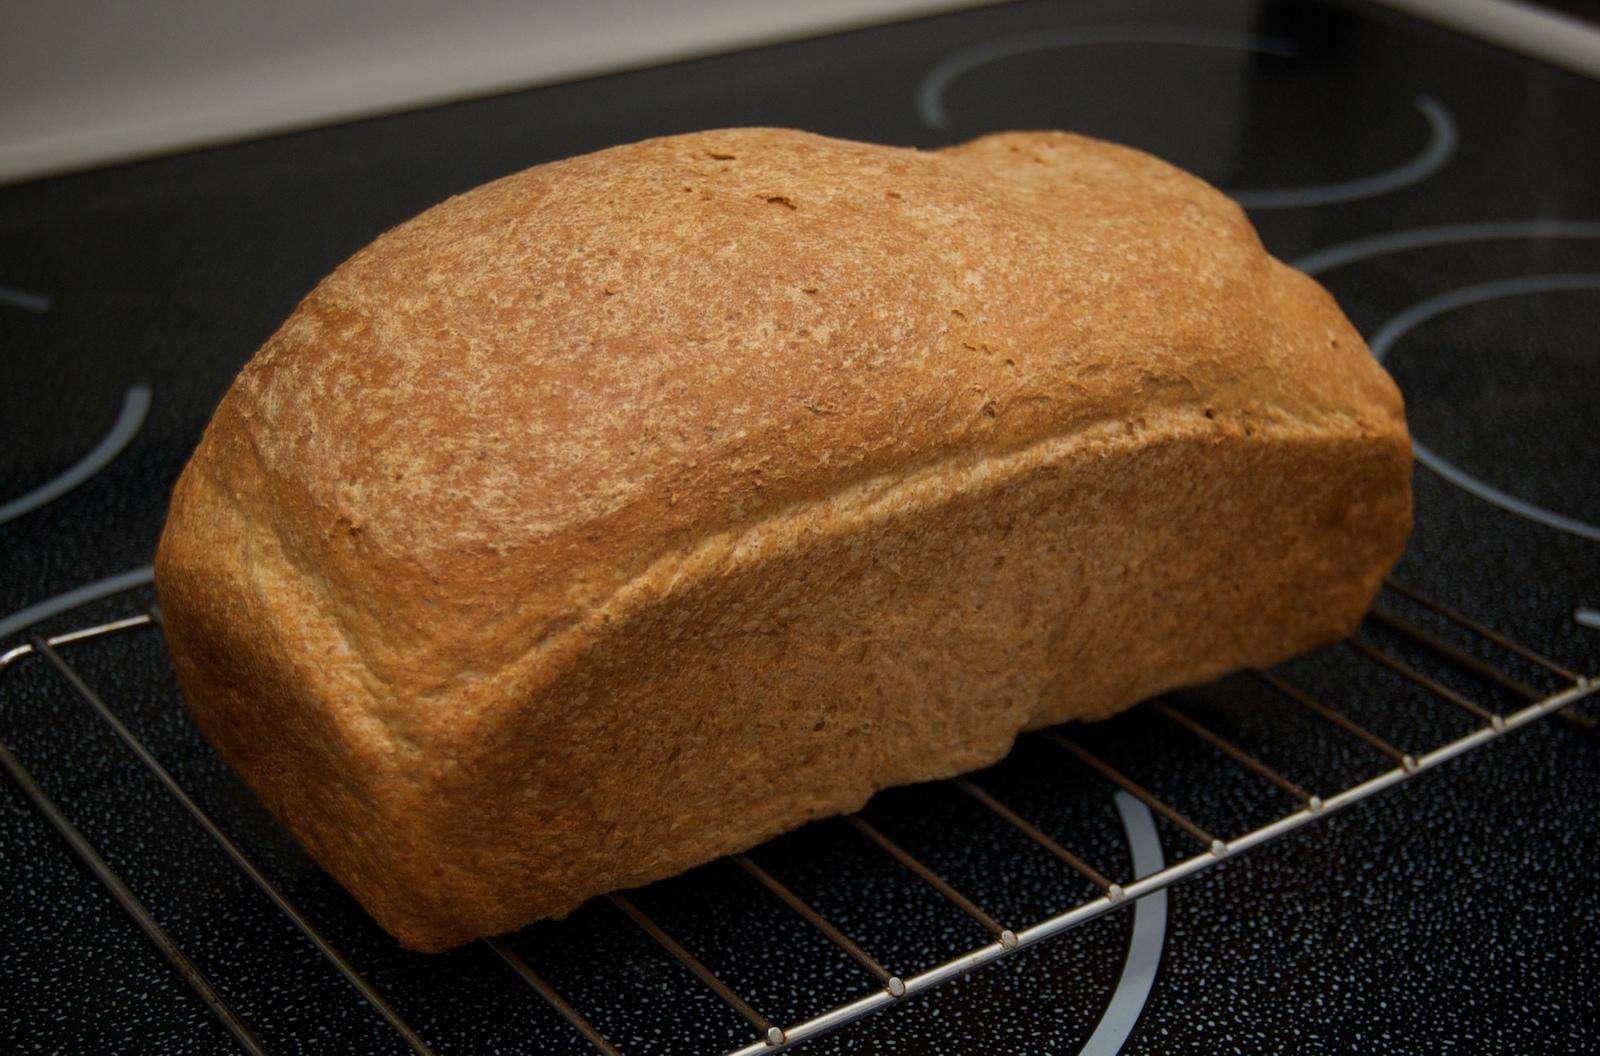 http://blog.rickk.com/food/2010/01/31/bread4.jpg